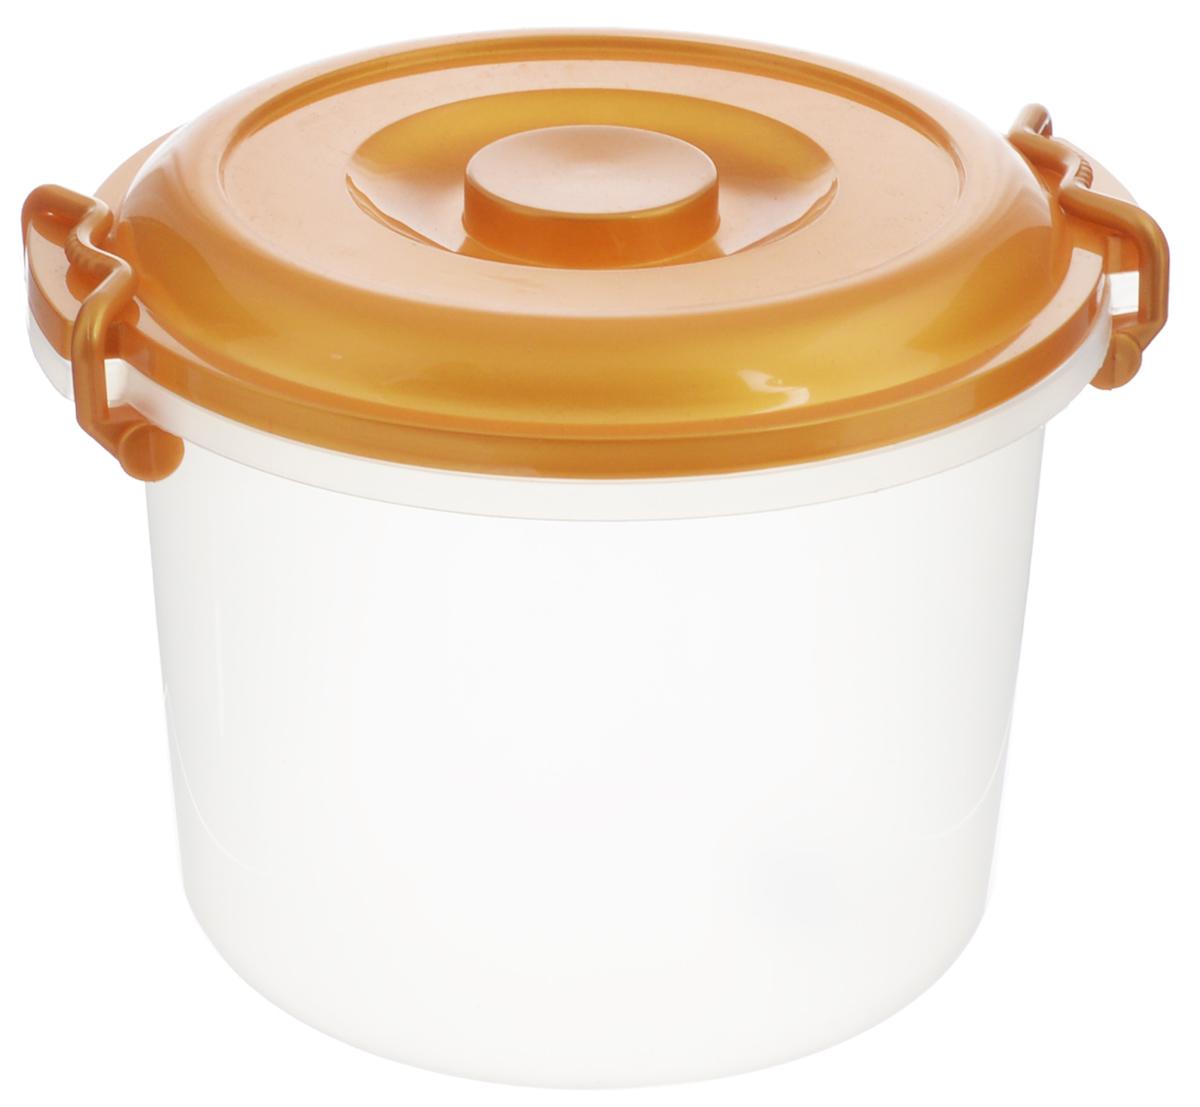 Контейнер Альтернатива, цвет: золотистый, прозрачный, 8 лM098_золотистыйКонтейнер Альтернатива изготовлен из высококачественного пищевого пластика. Изделие оснащено крышкой и ручками, которые плотно закрывают контейнер. Также на крышке имеется ручка для удобной переноски. Емкость предназначена для хранения различных бытовых вещей и продуктов. Такой контейнер очень функционален и всегда пригодится на кухне. Диаметр контейнера (по верхнему краю): 25 см. Высота контейнера (без учета крышки): 21 см. Объем: 8 л.